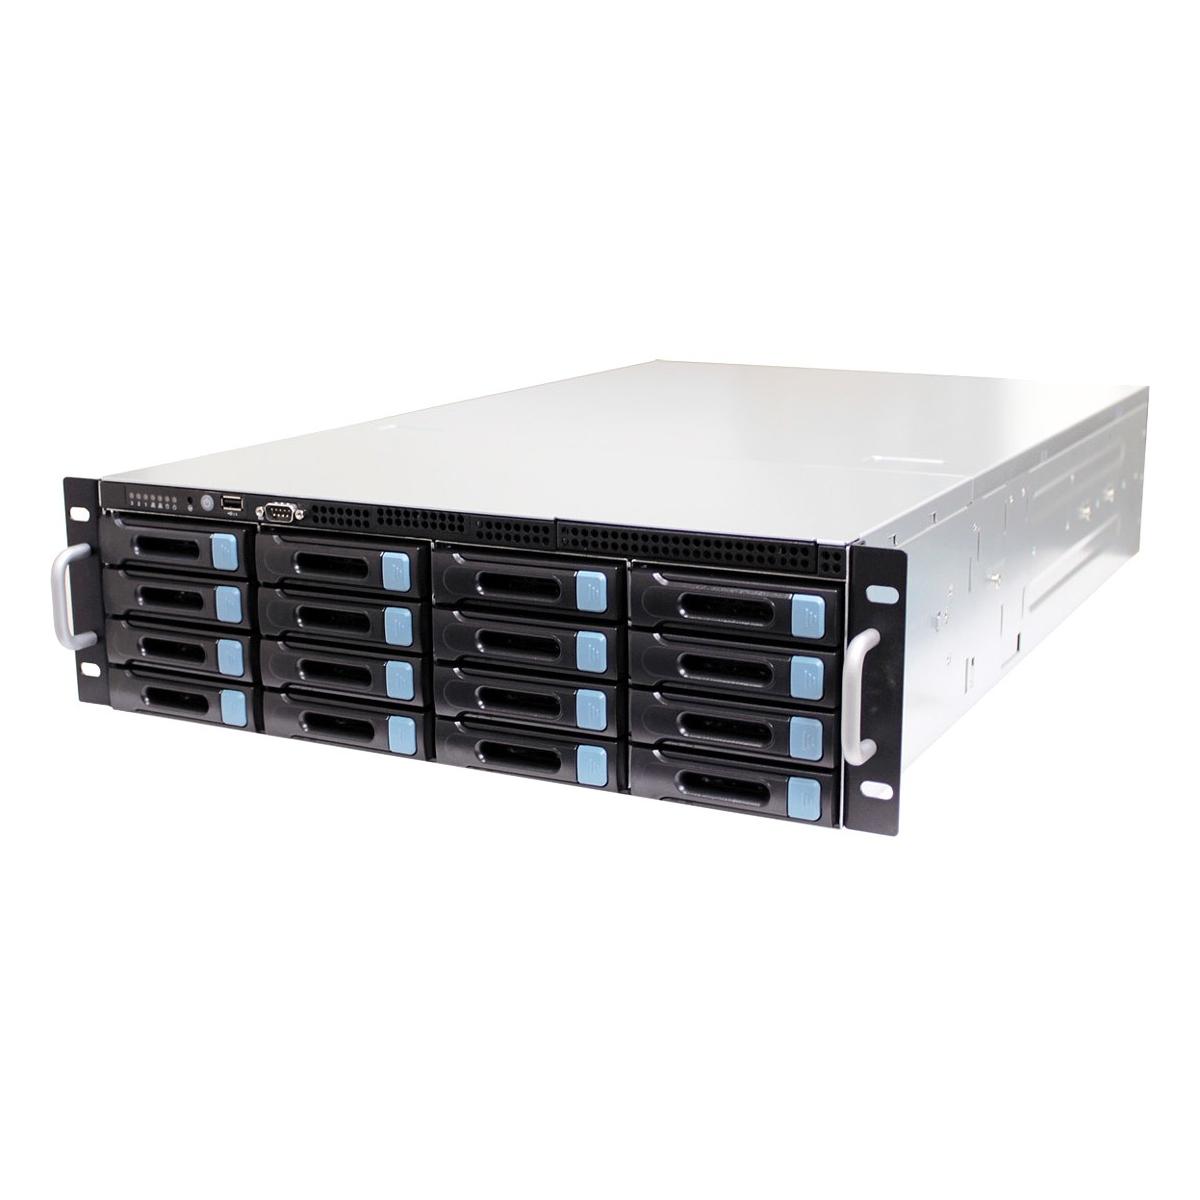 3U 19 16 X 3.5 + 2 X 2.5 BAYS STORAGE RACKMOUNT CHASSIS with 3 X 8038 FANS, 4-1 M